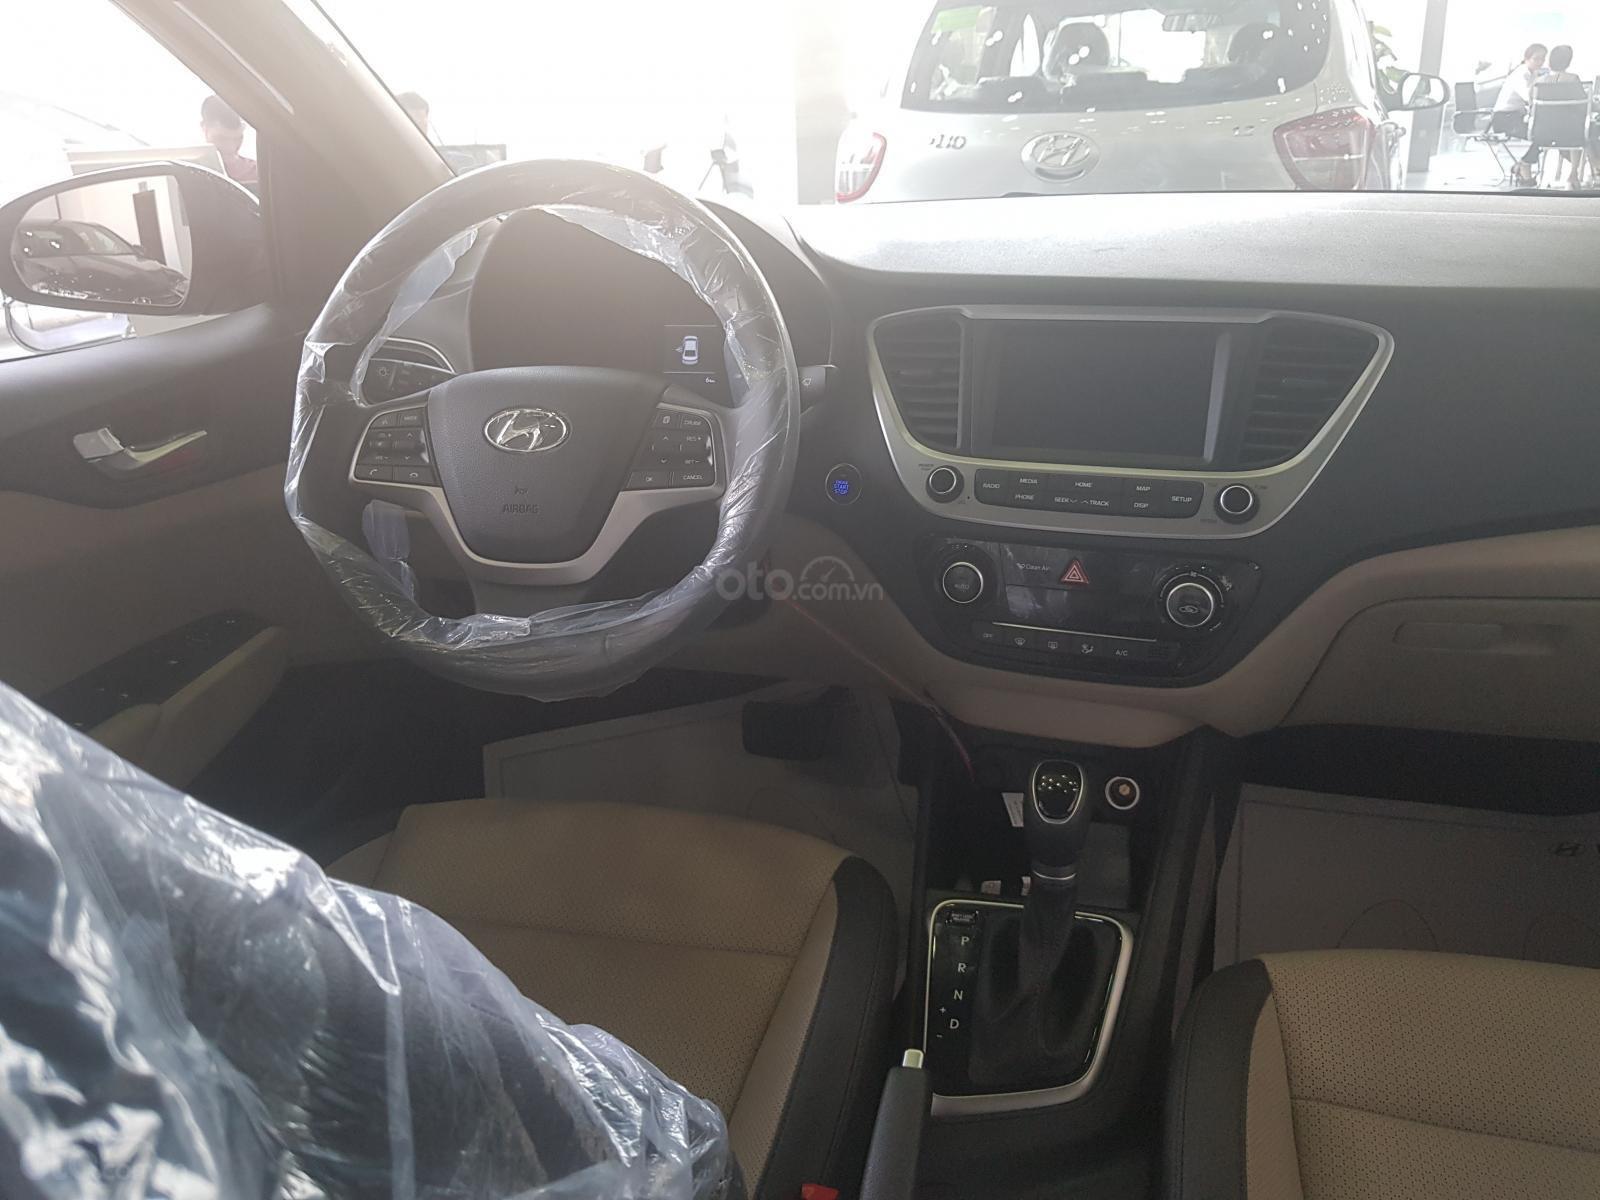 Bán Hyundai Accent 1.4 AT đặc biệt, hỗ trợ trả góp, xe đủ màu giao ngay (6)